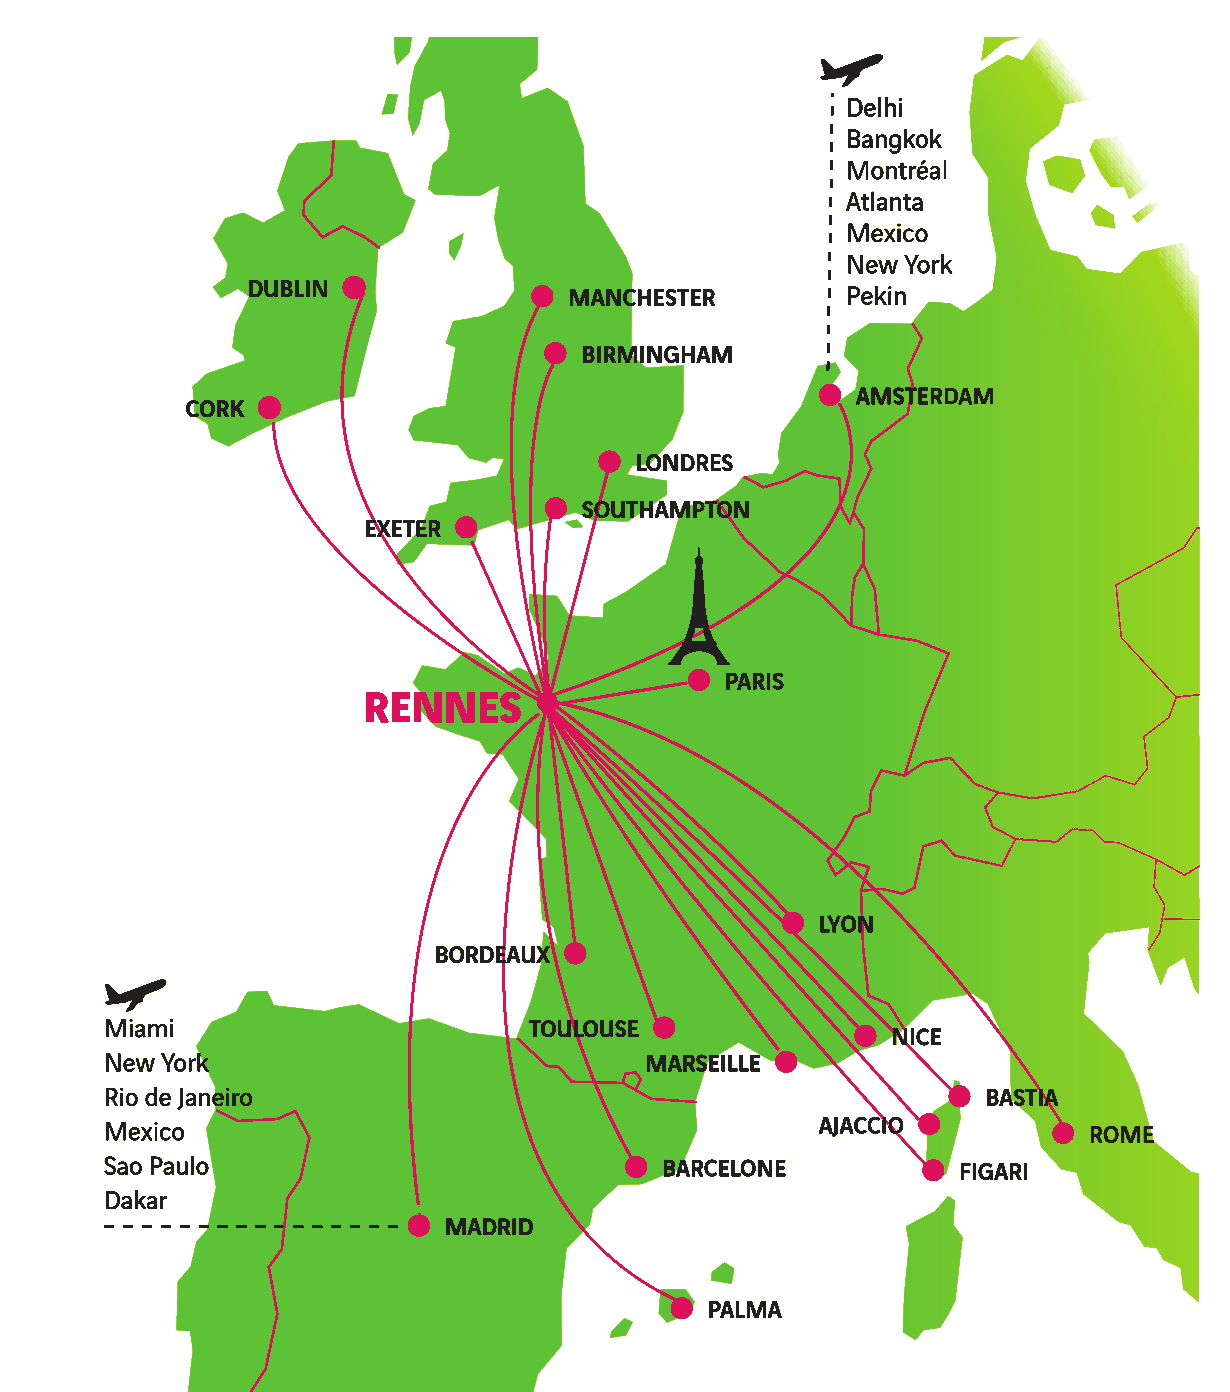 Liaisons aérienne de Rennes SPACE 2017